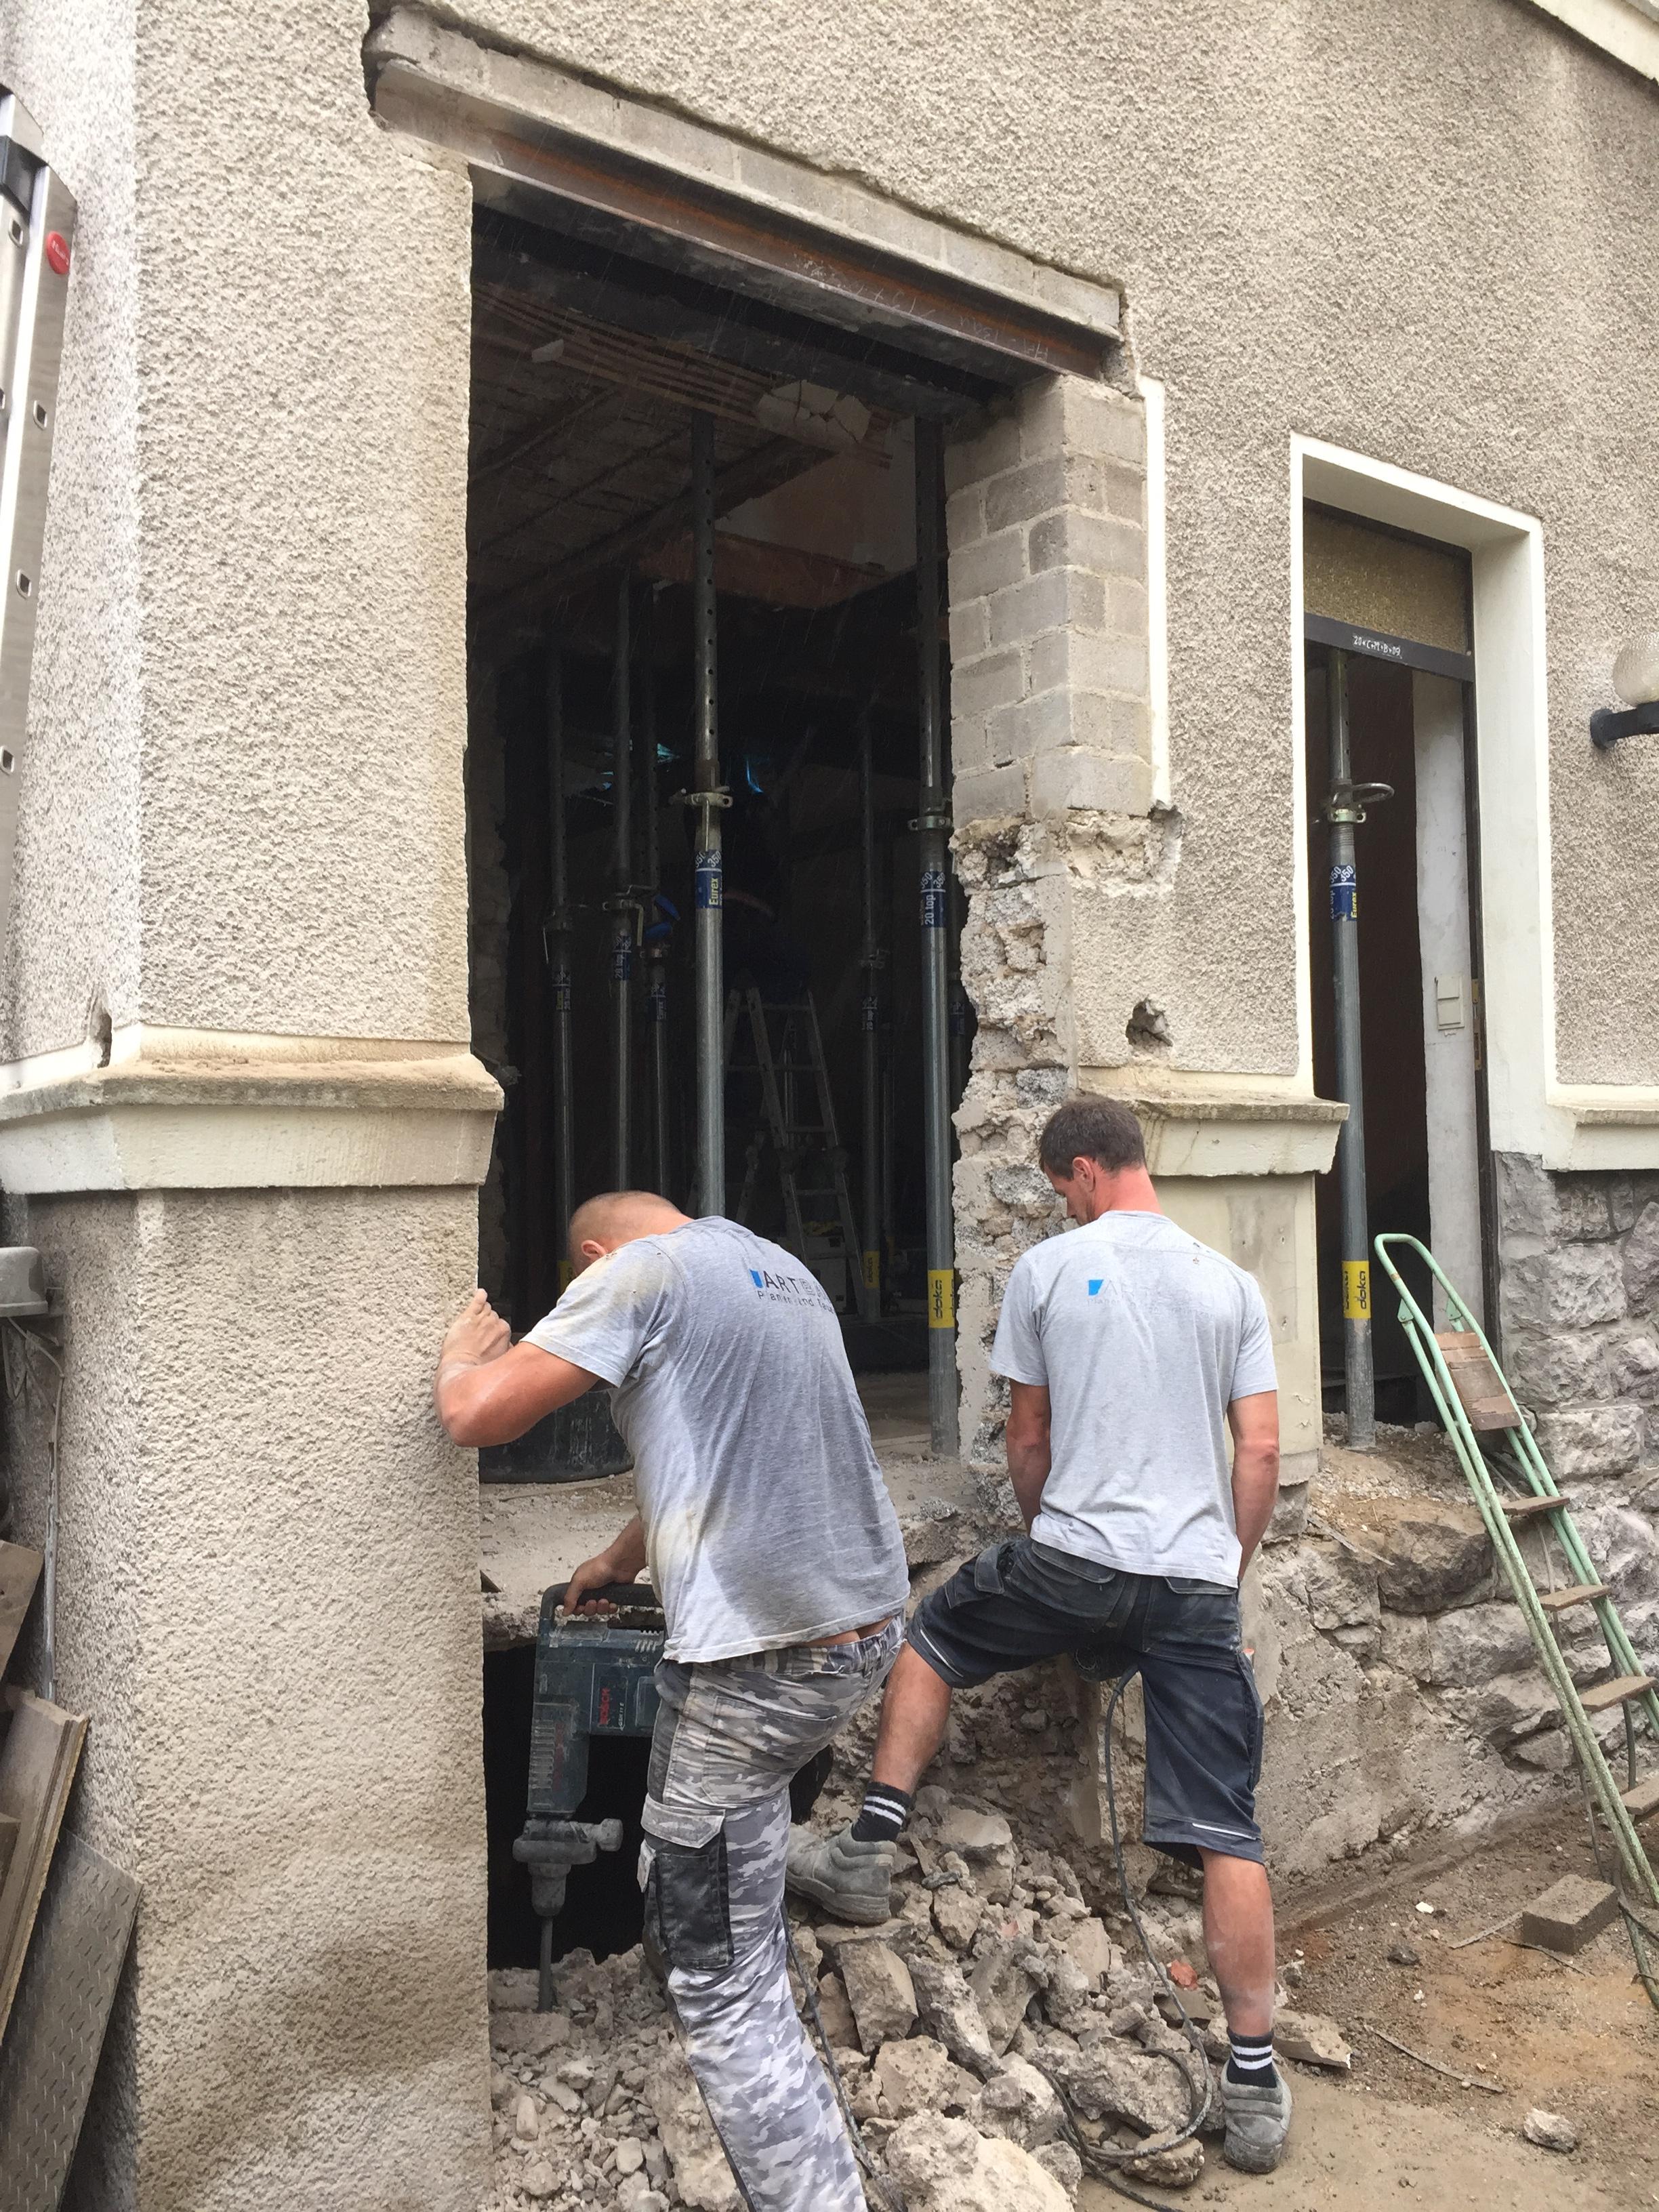 Das Ehemalige Gäste WC Fenster Wurde Bis Zum Boden Vergrößert,hier Gelangt  Man Dann Durch 5 Stufen Innen Liegend Ins Haus. Der Deckendurchbruch Zum  Keller ...